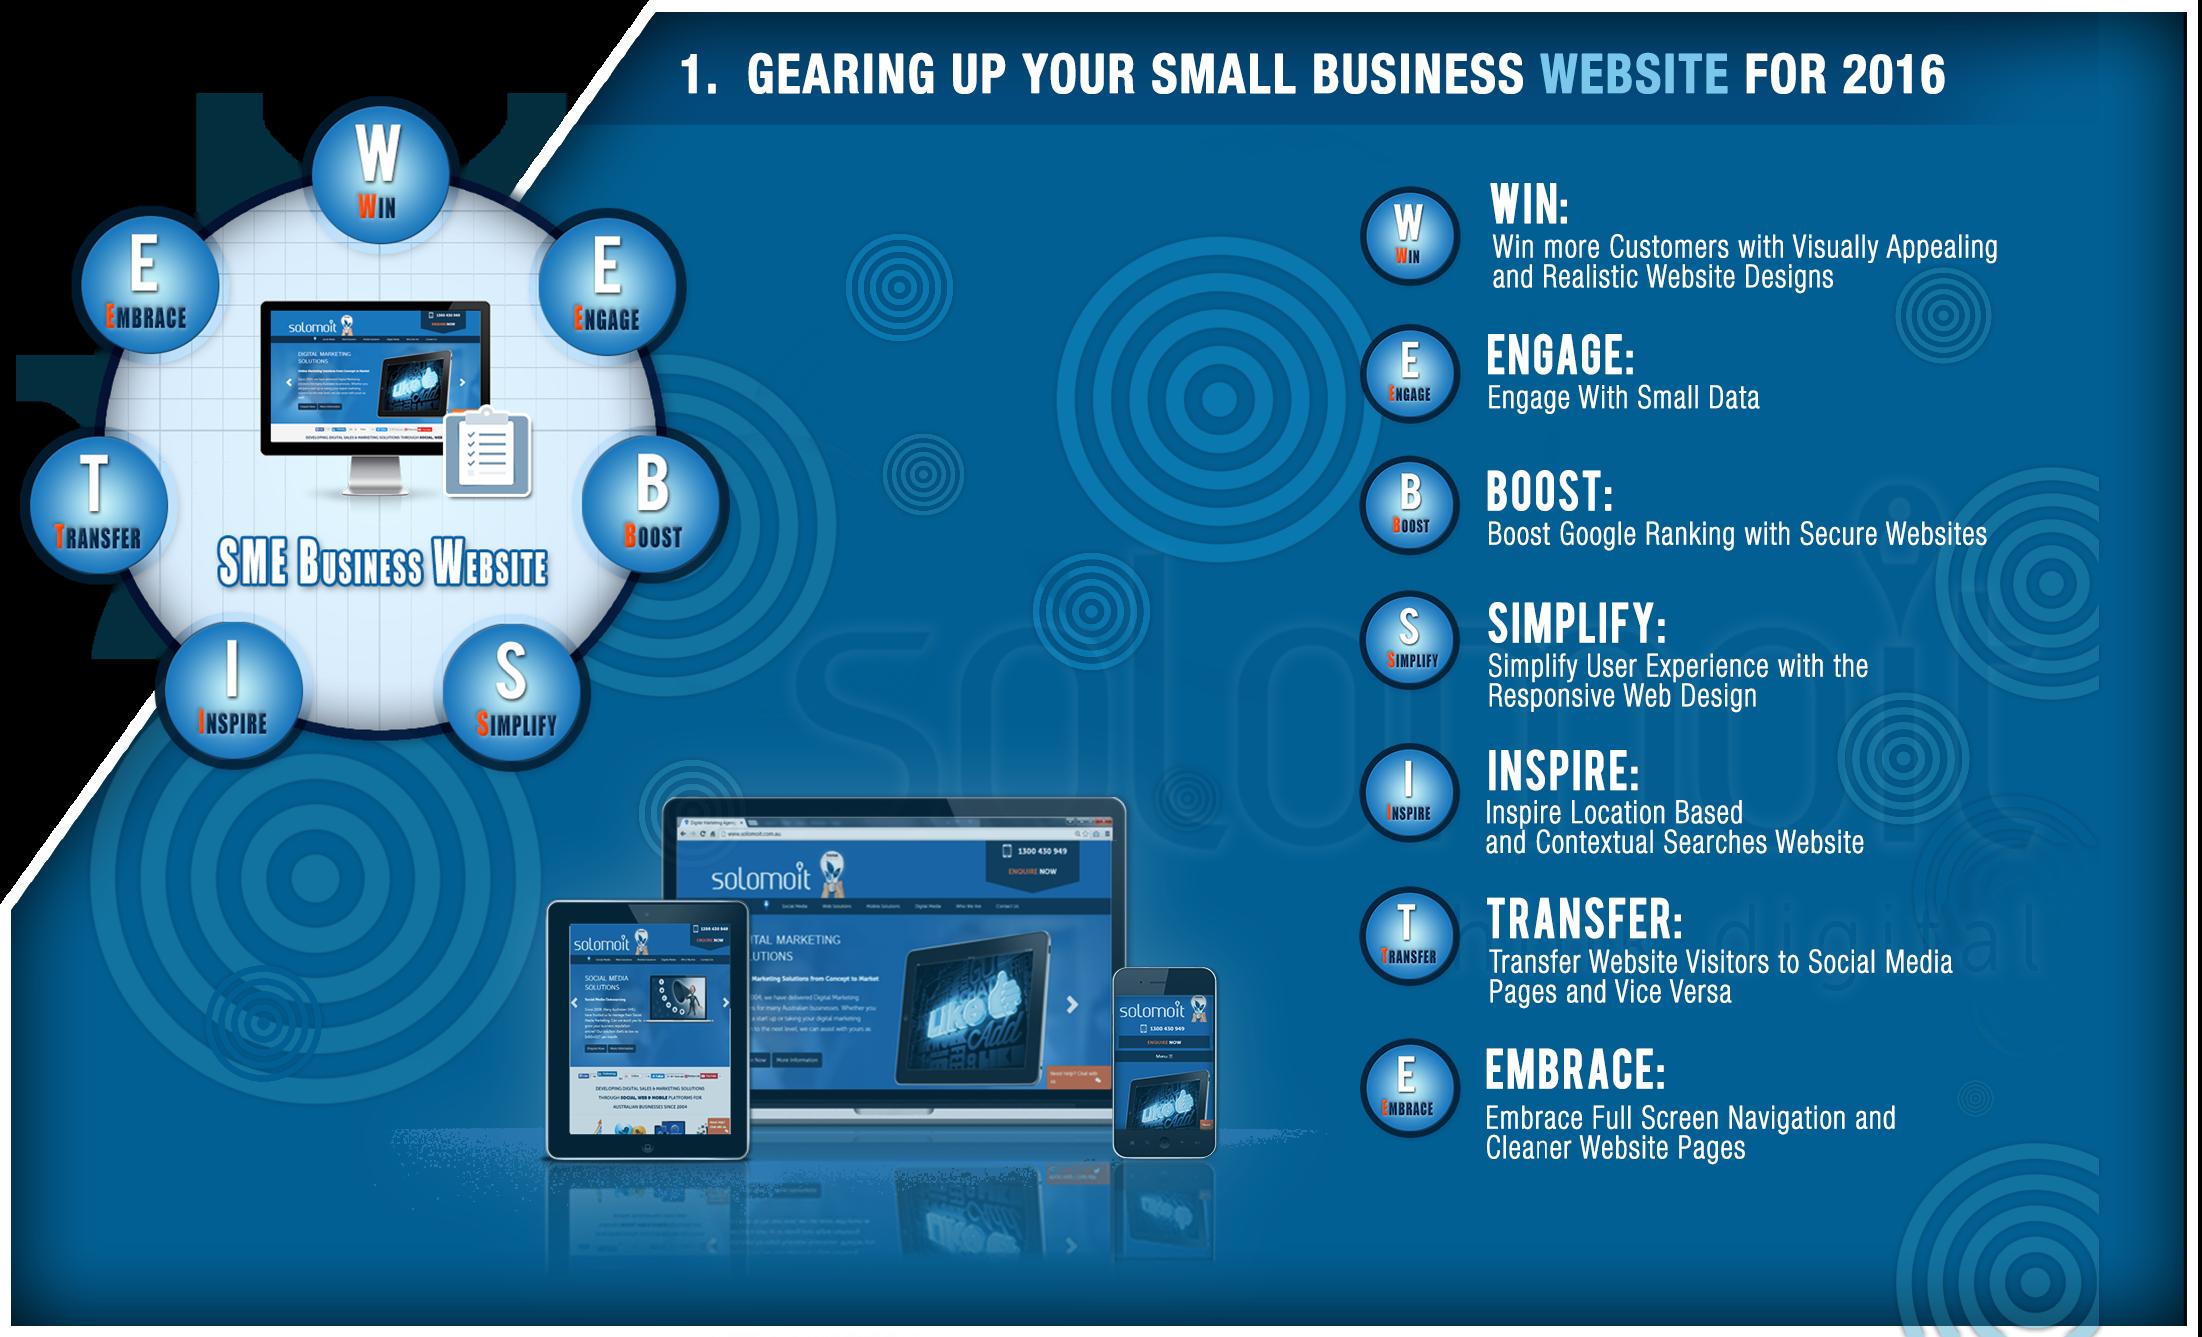 Digital Marketing,Digital Marketing Trends,Social Media Marketing, Social Media,Digital Marketing,Marketing Trends